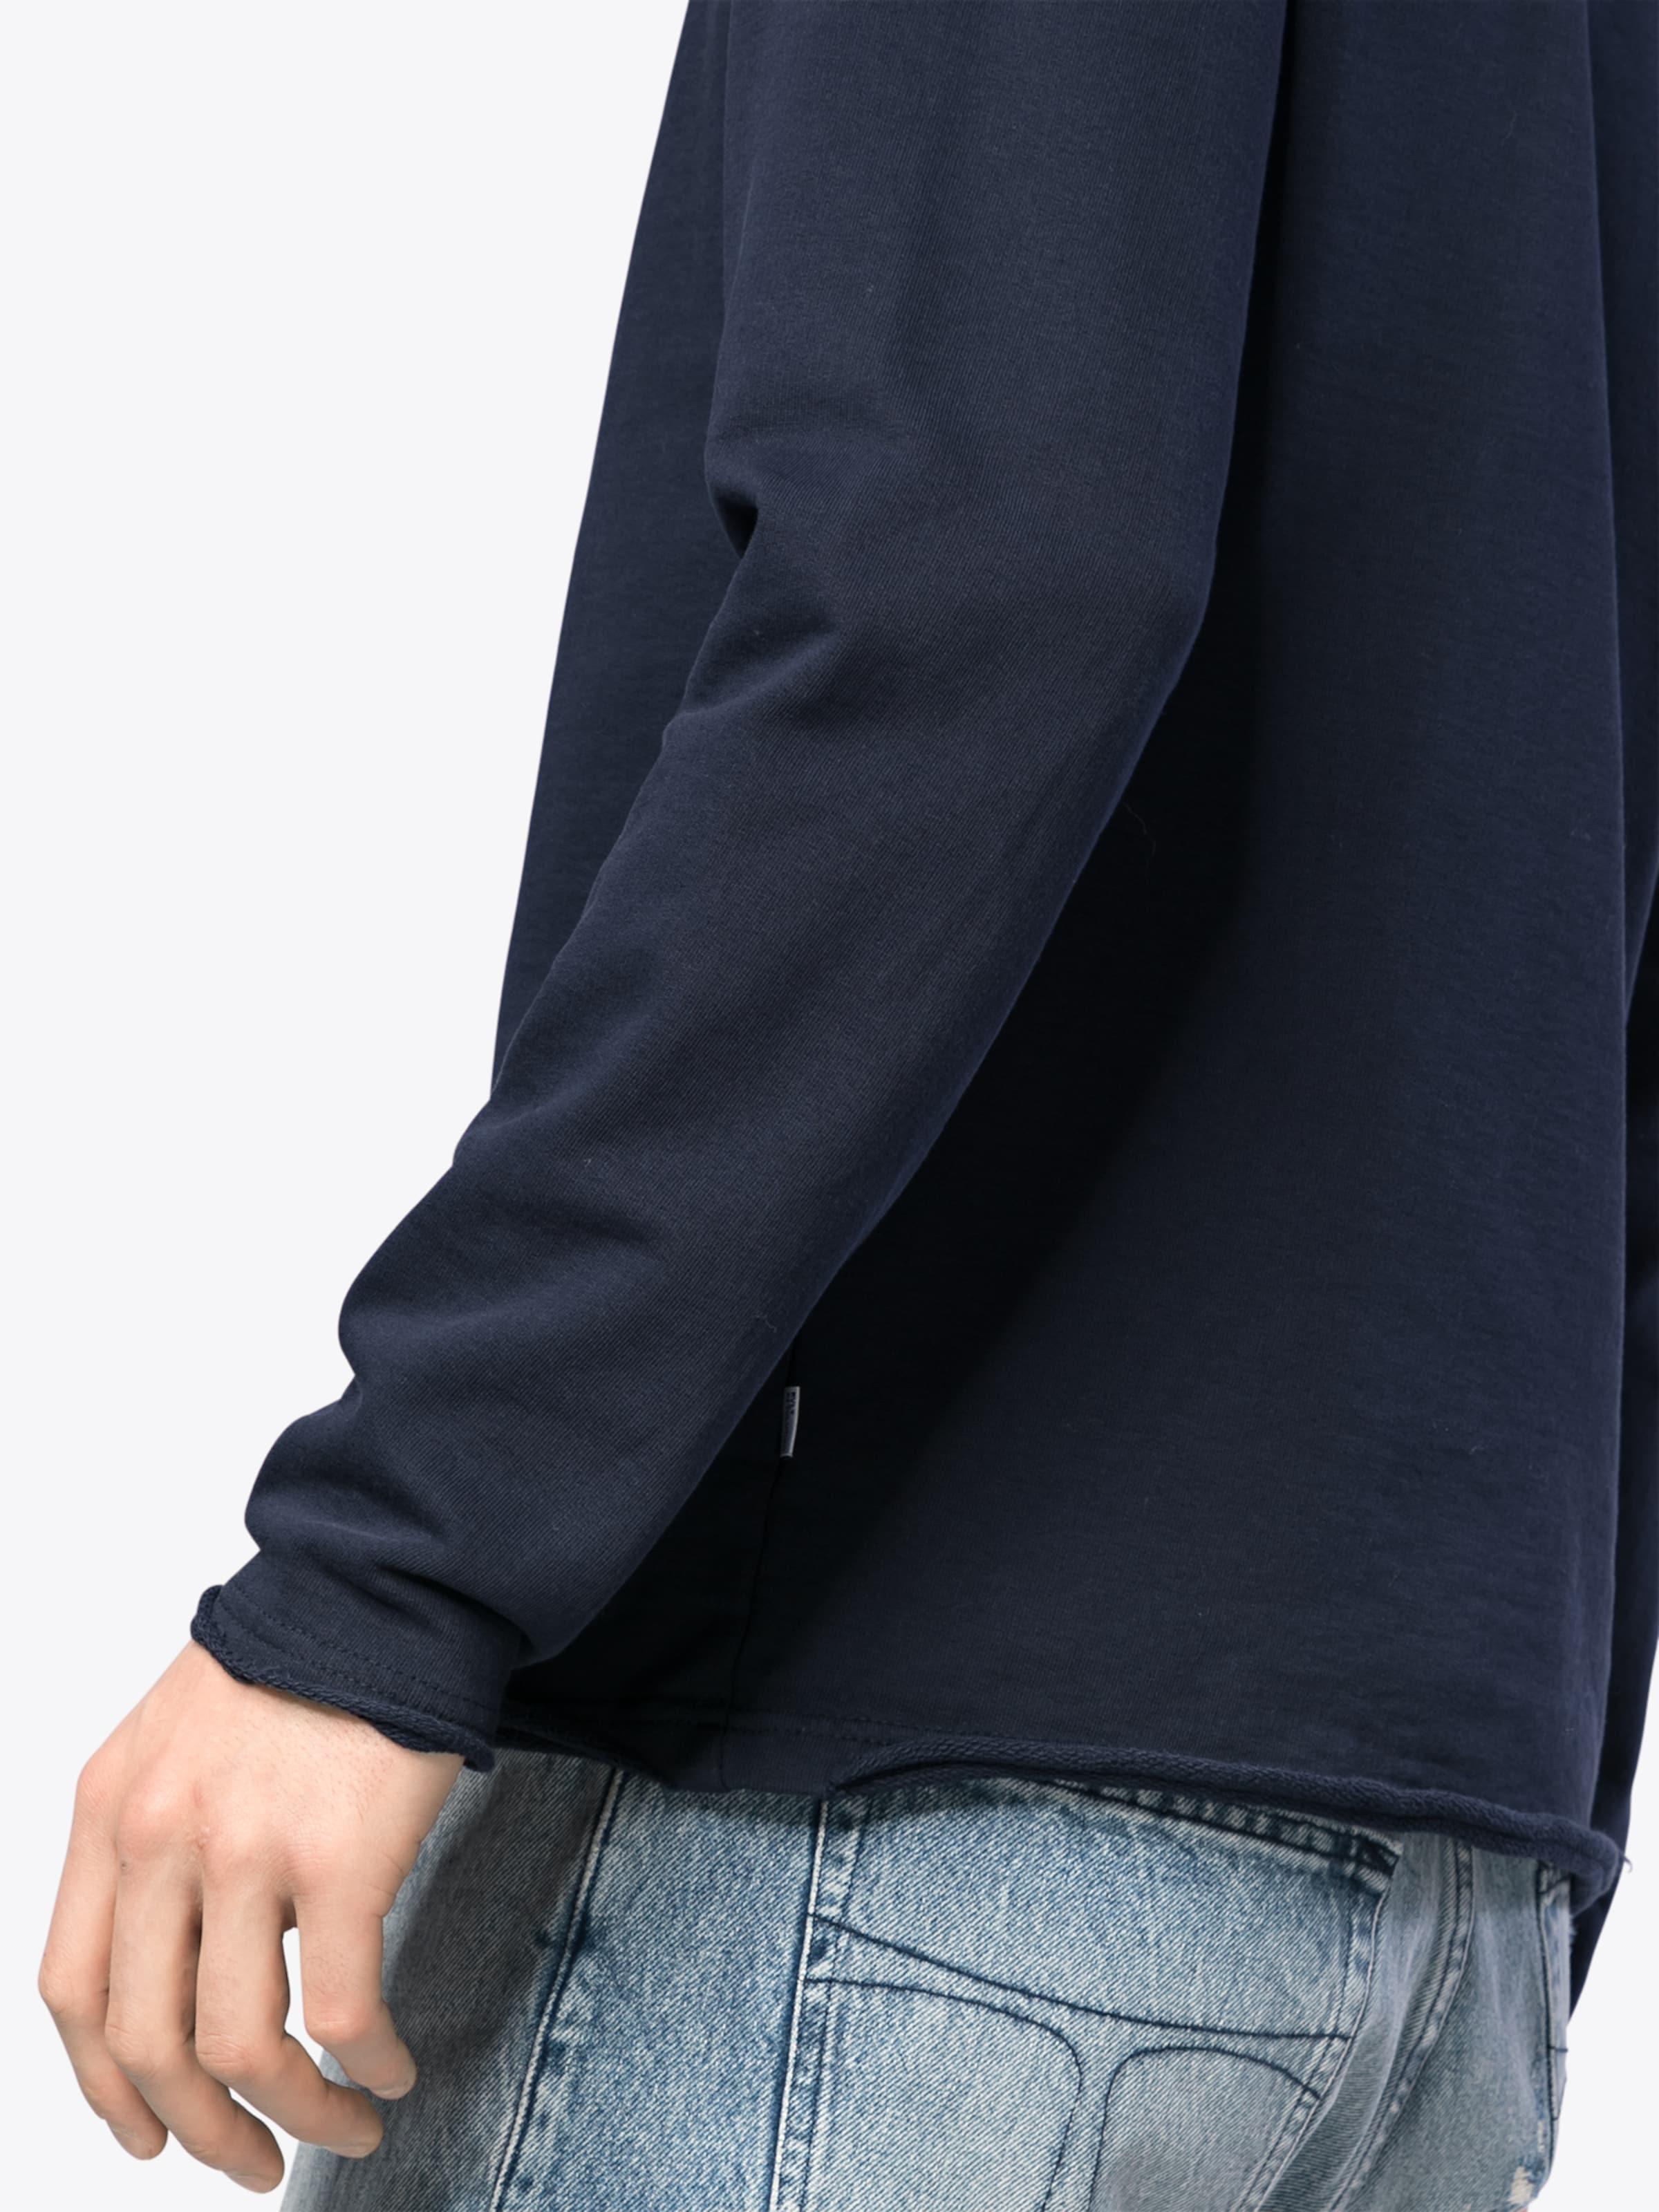 Billig Verkauf Manchester Spielraum Footaction Revolution Sweatshirt Gut Verkaufen gjfsFB